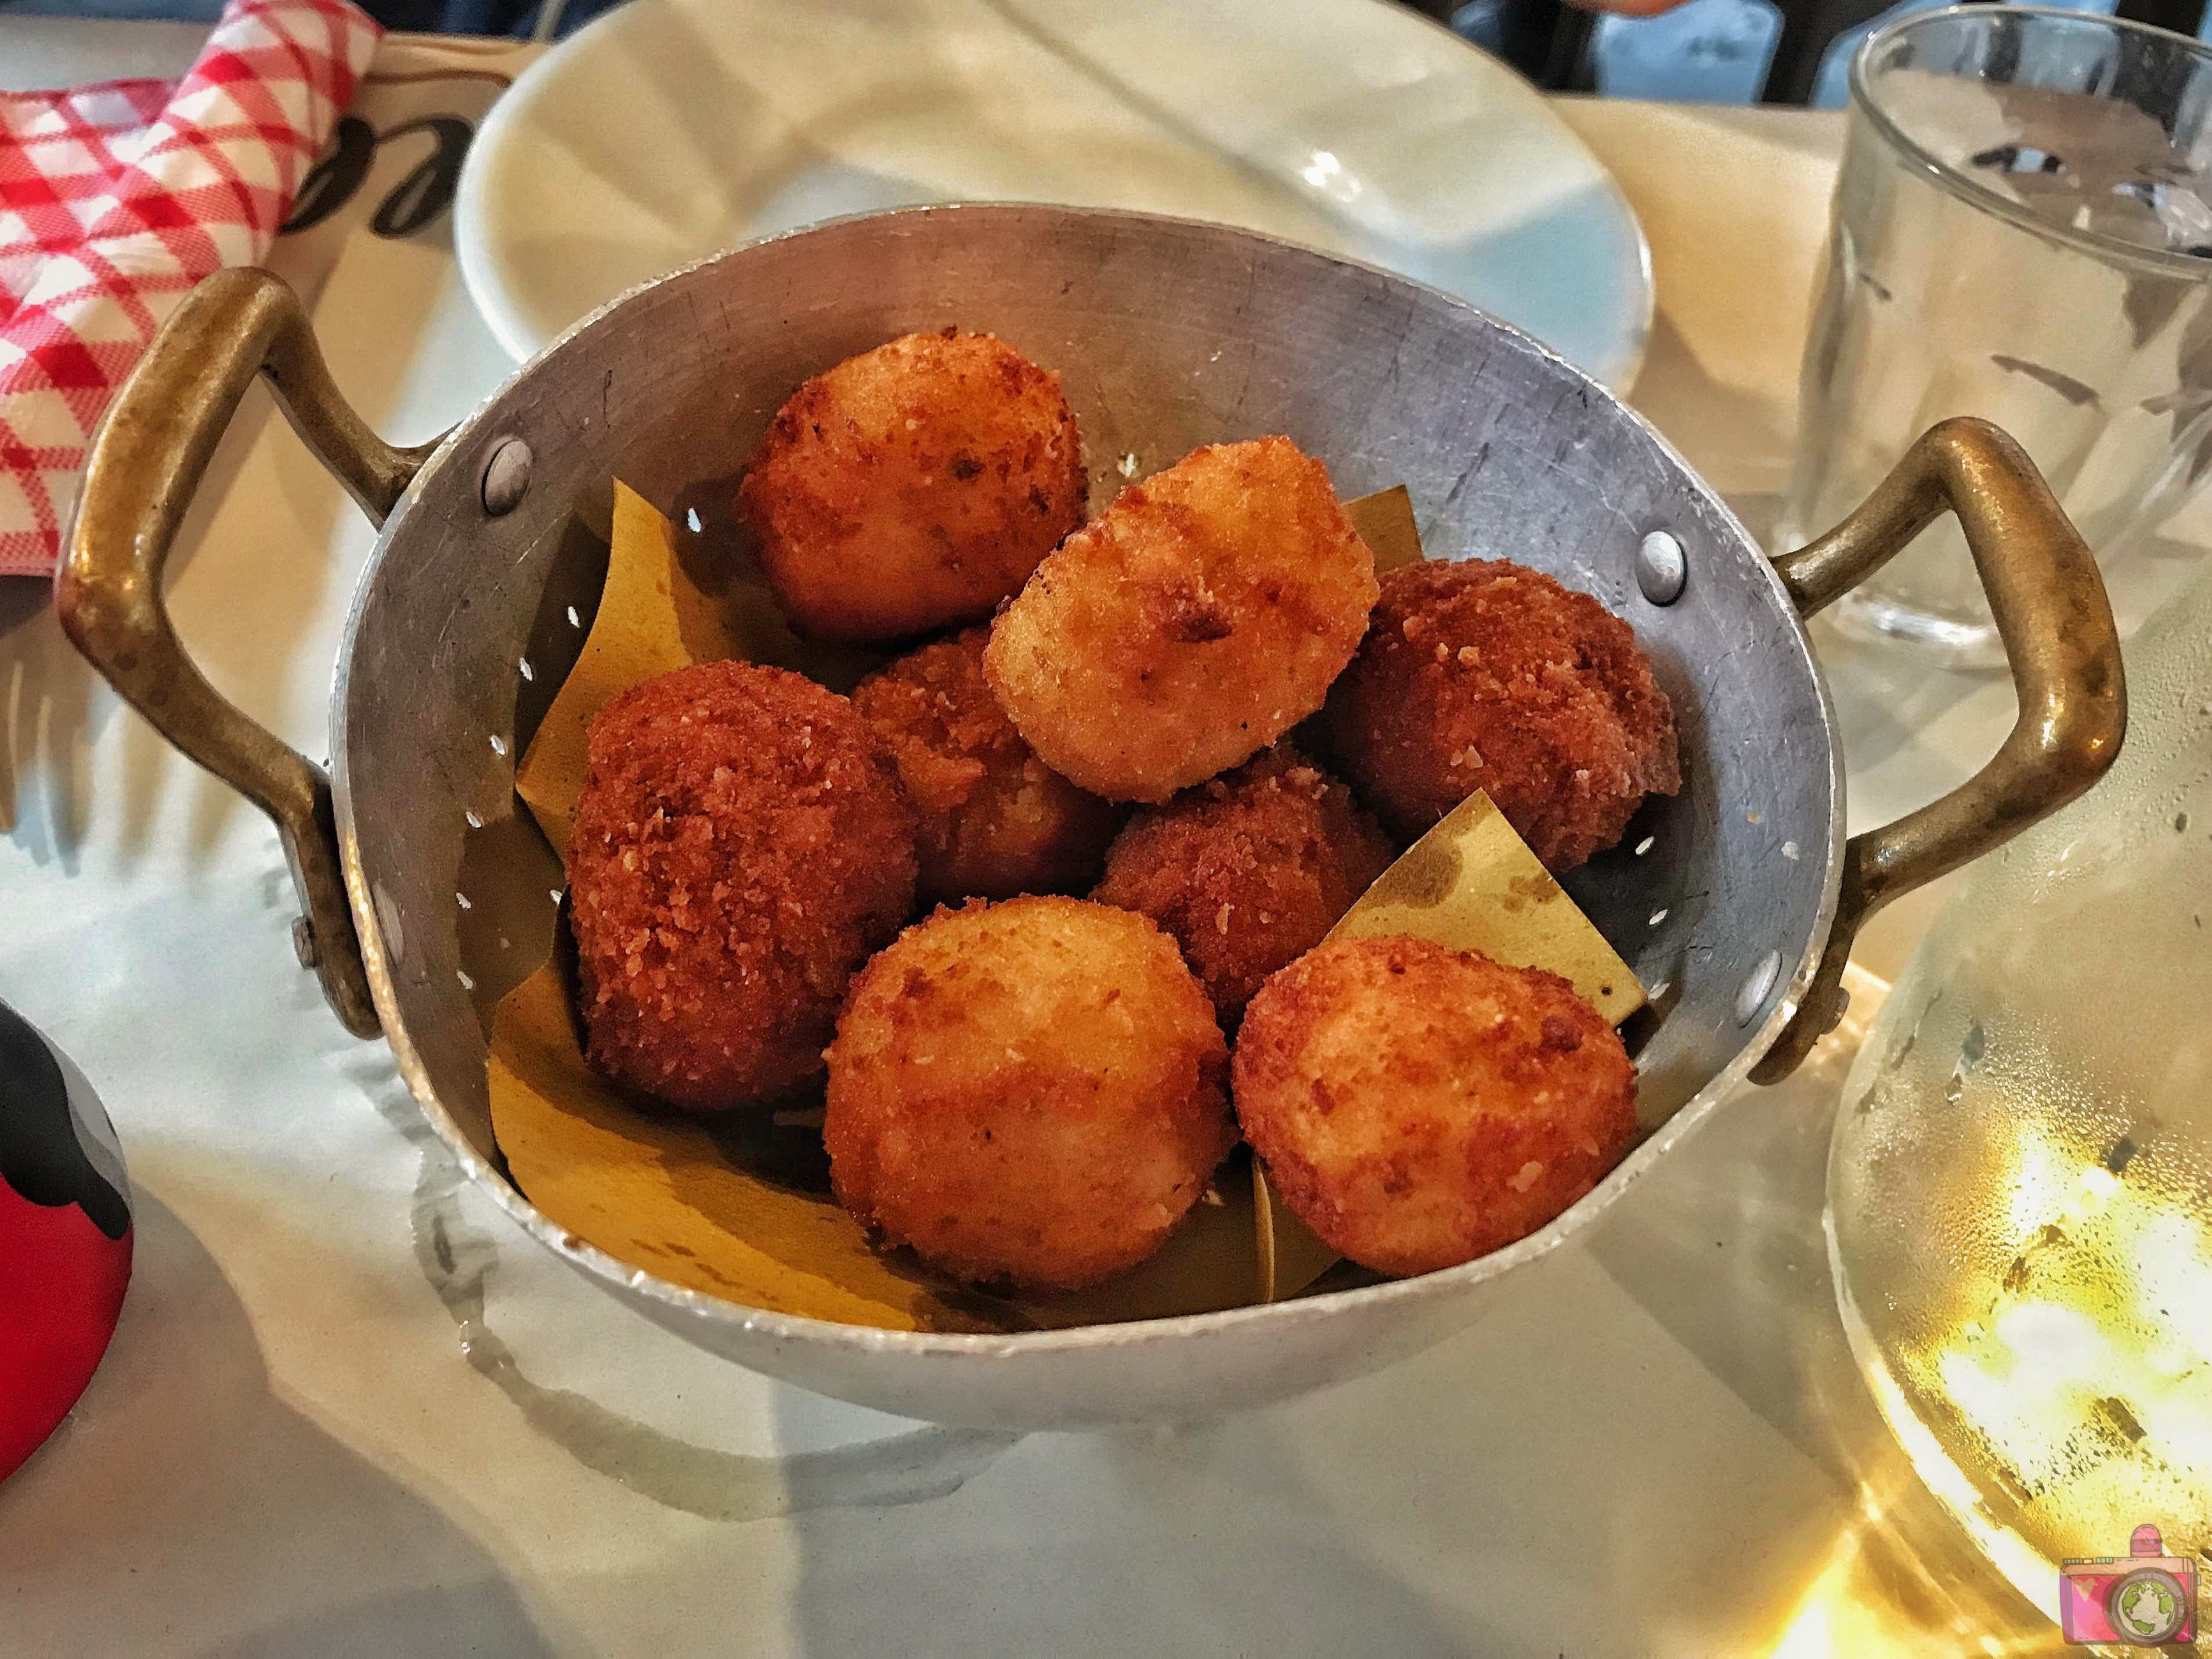 Tonnarello cestino di Supplì Mignon all'Amatriciana, al Ragù, Cacio e Pepe e Crocchetta di patate